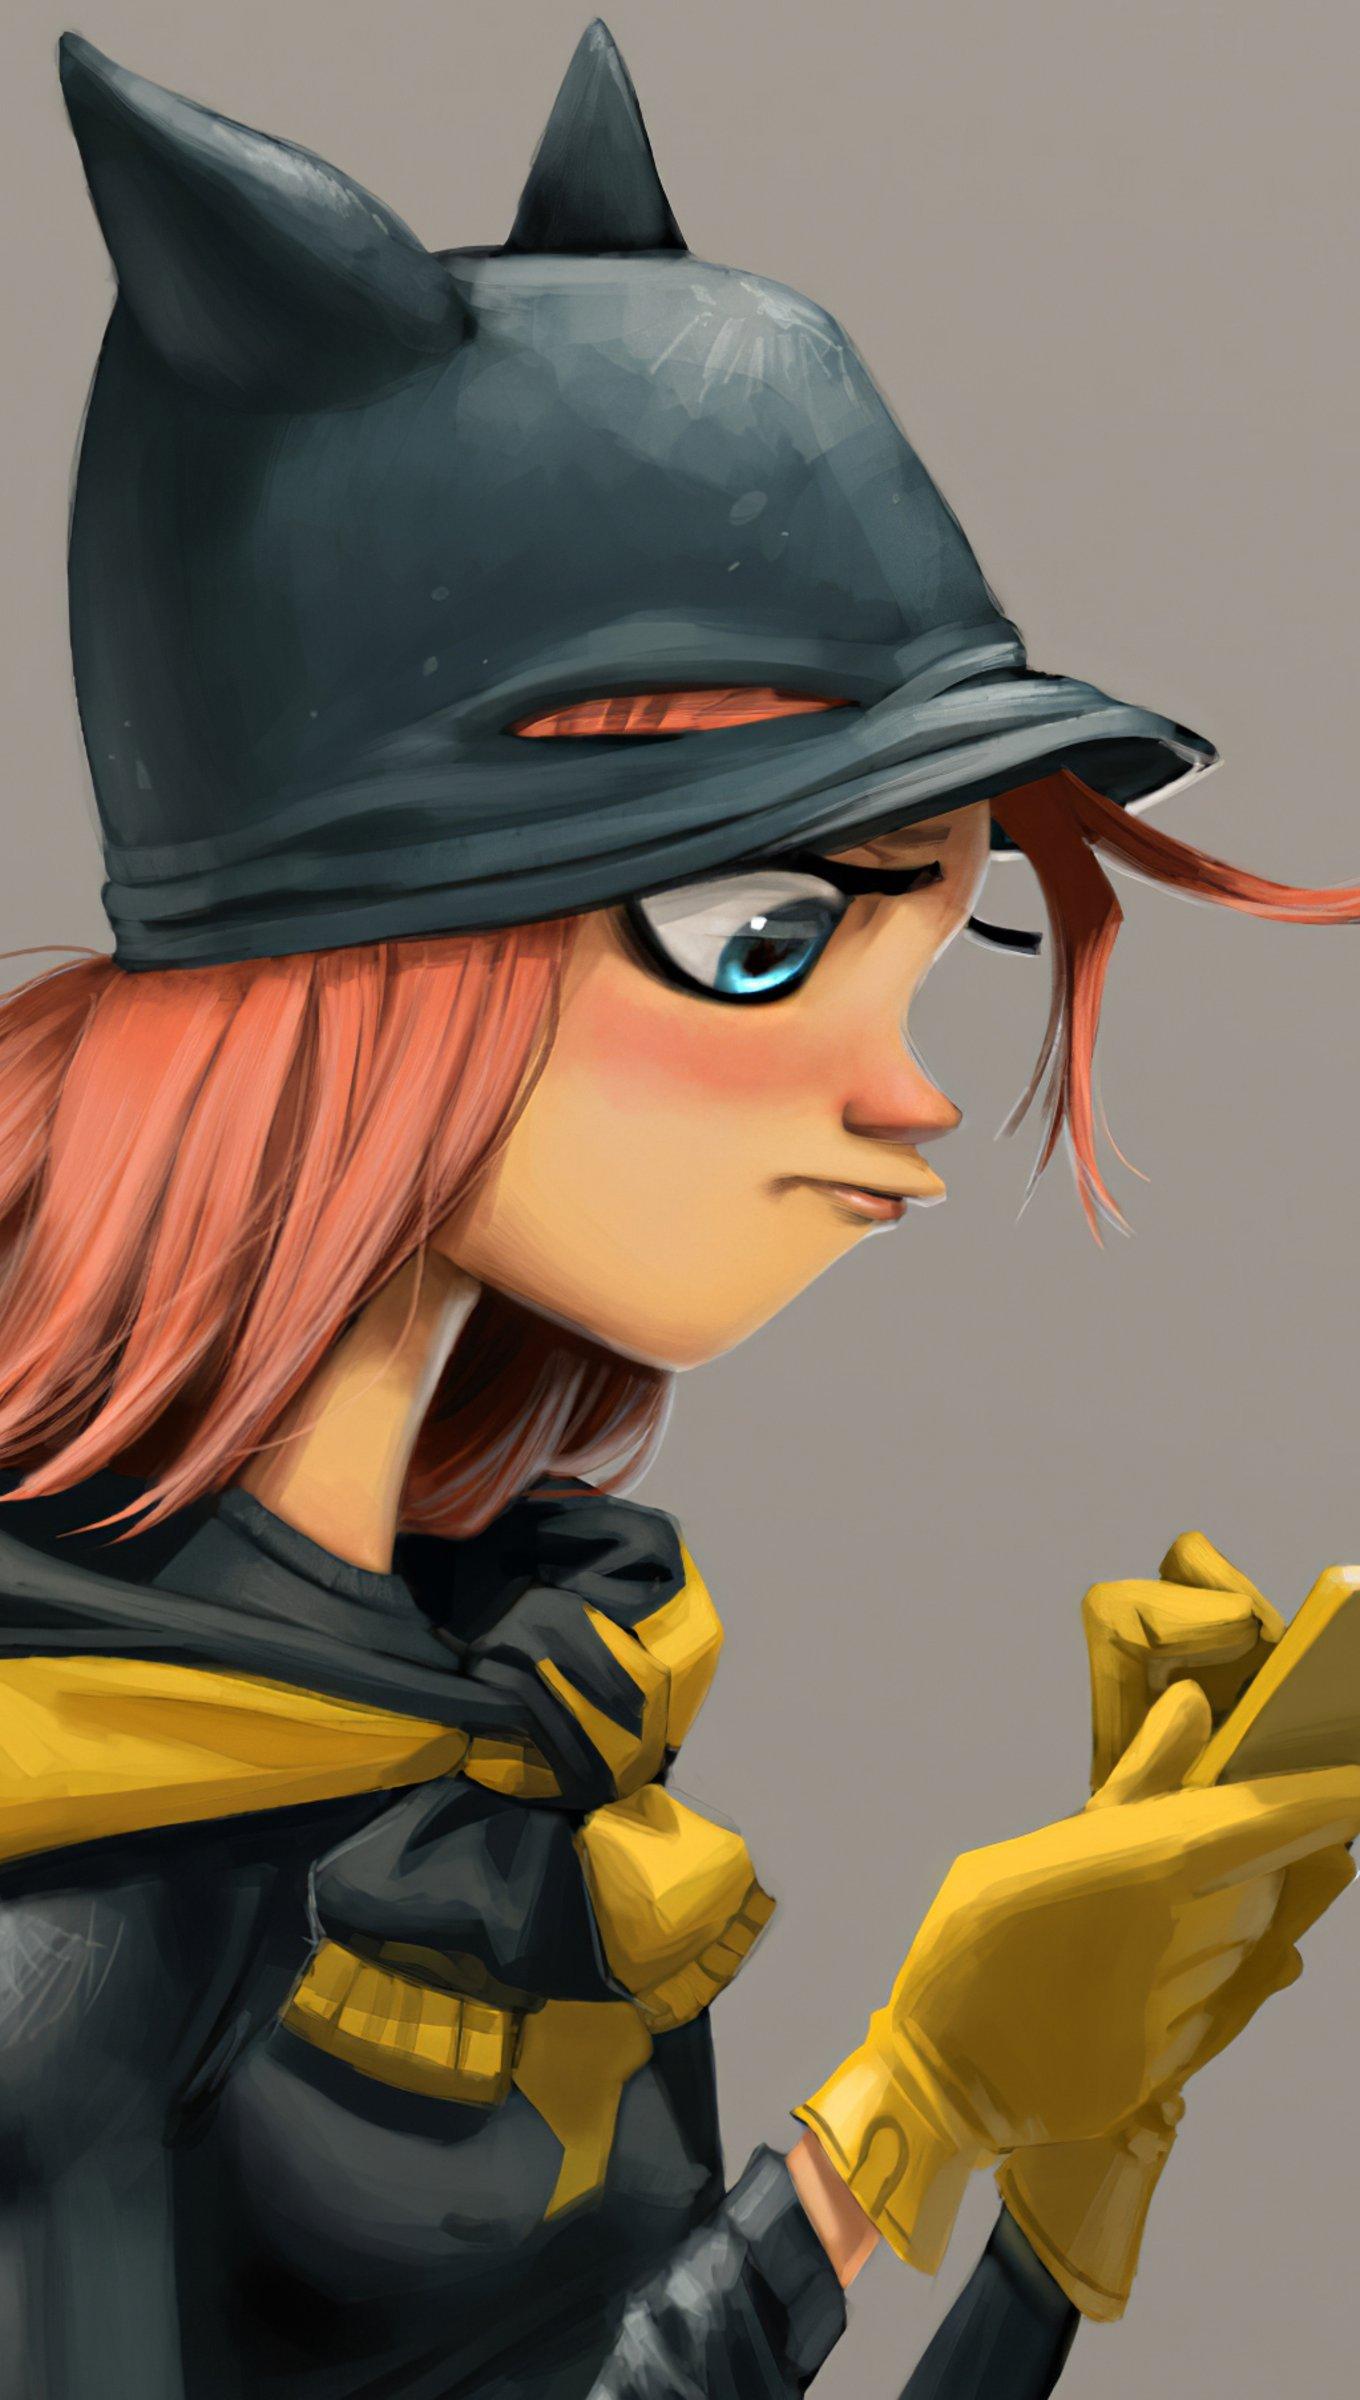 Fondos de pantalla Batgirl usando celular Vertical